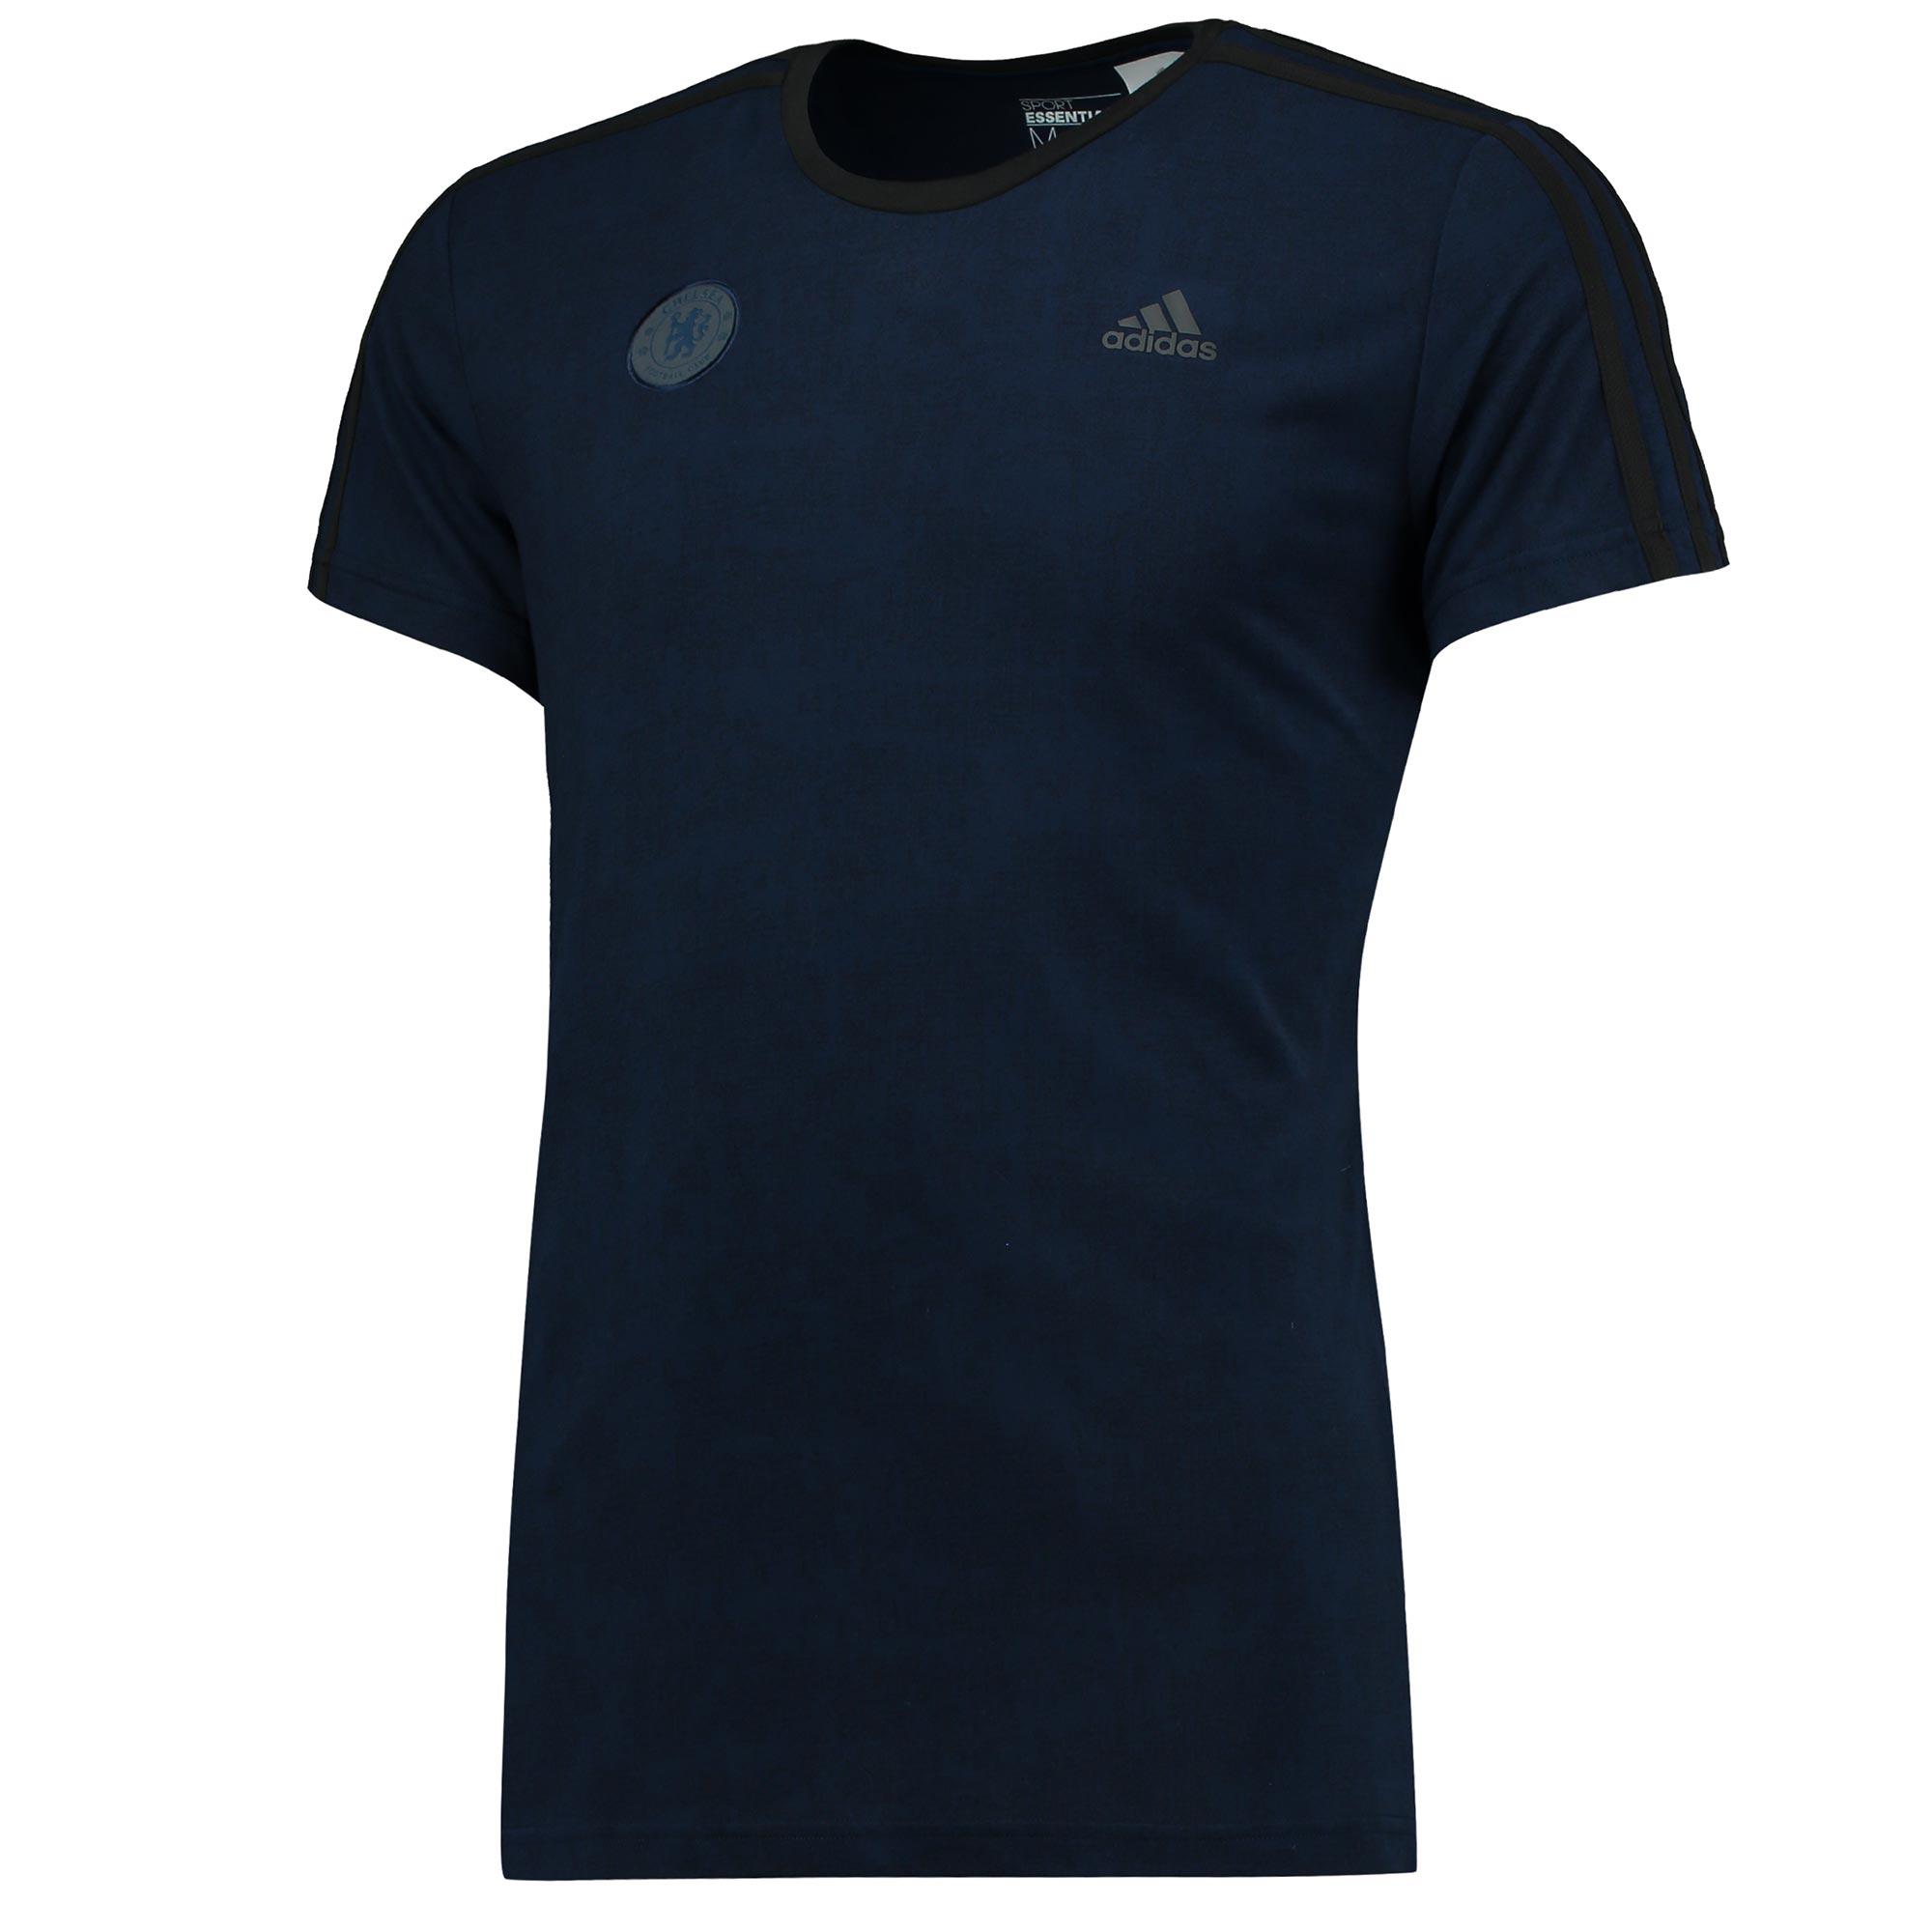 Chelsea Essentials 3 Stripe T-Shirt - Navy